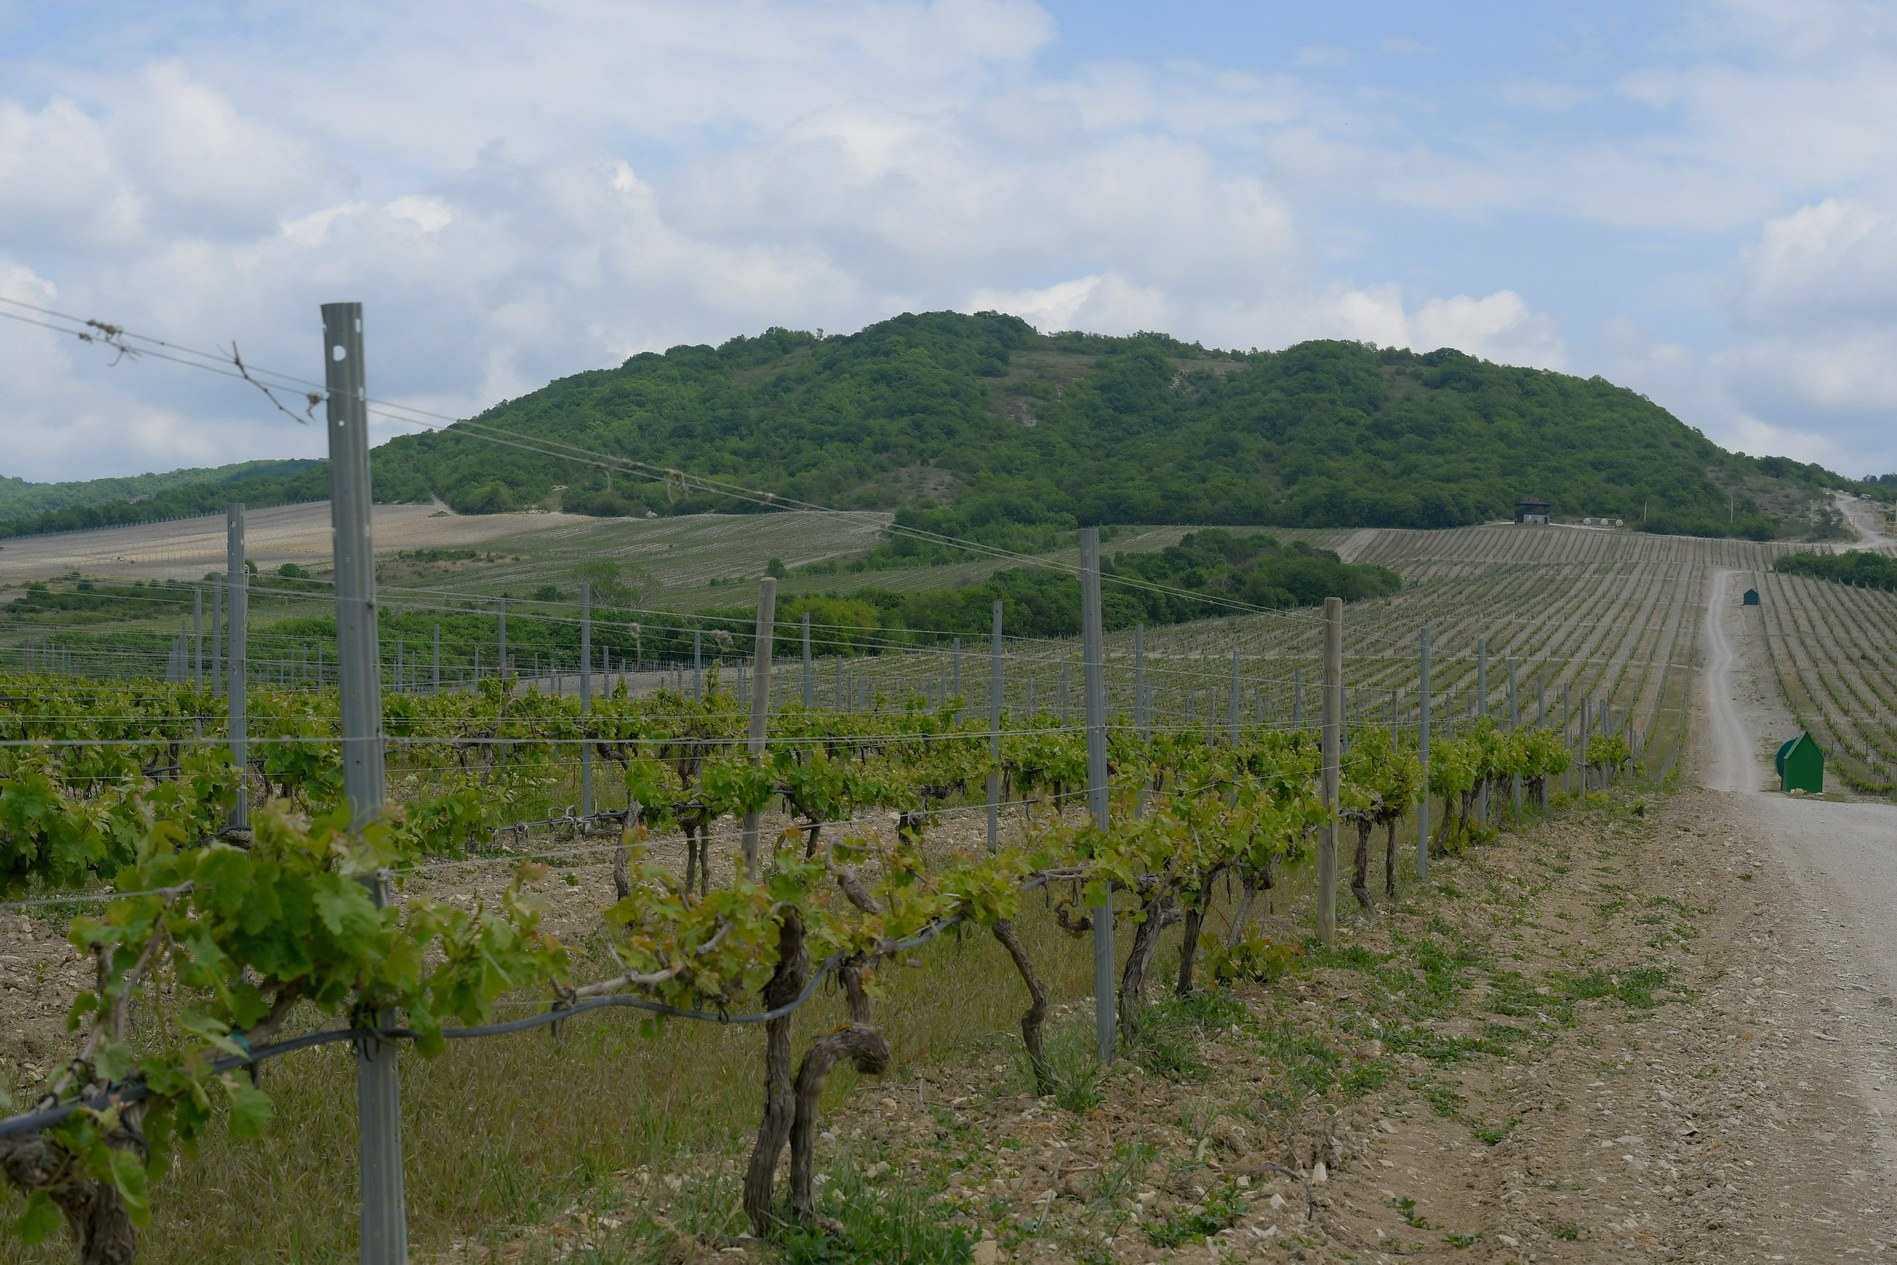 Губернатор Краснодарского края потребовал остановить в Новороссийске застройку виноградопригодных земель